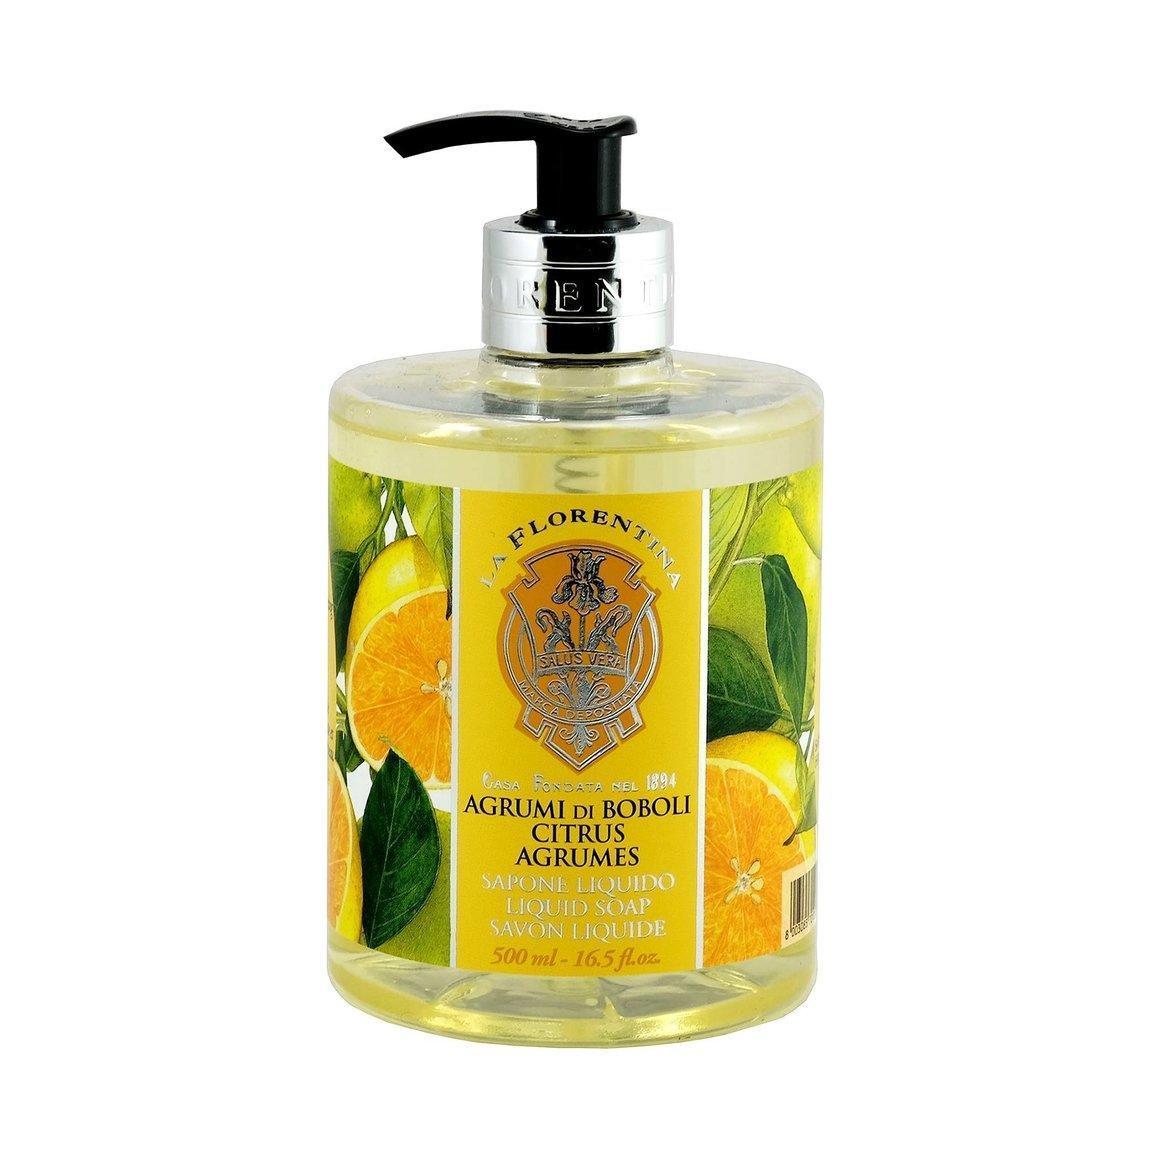 La Florentina Boboli Citrus Hand Wash Liquid Soap 500 ml   Trada Marketplace